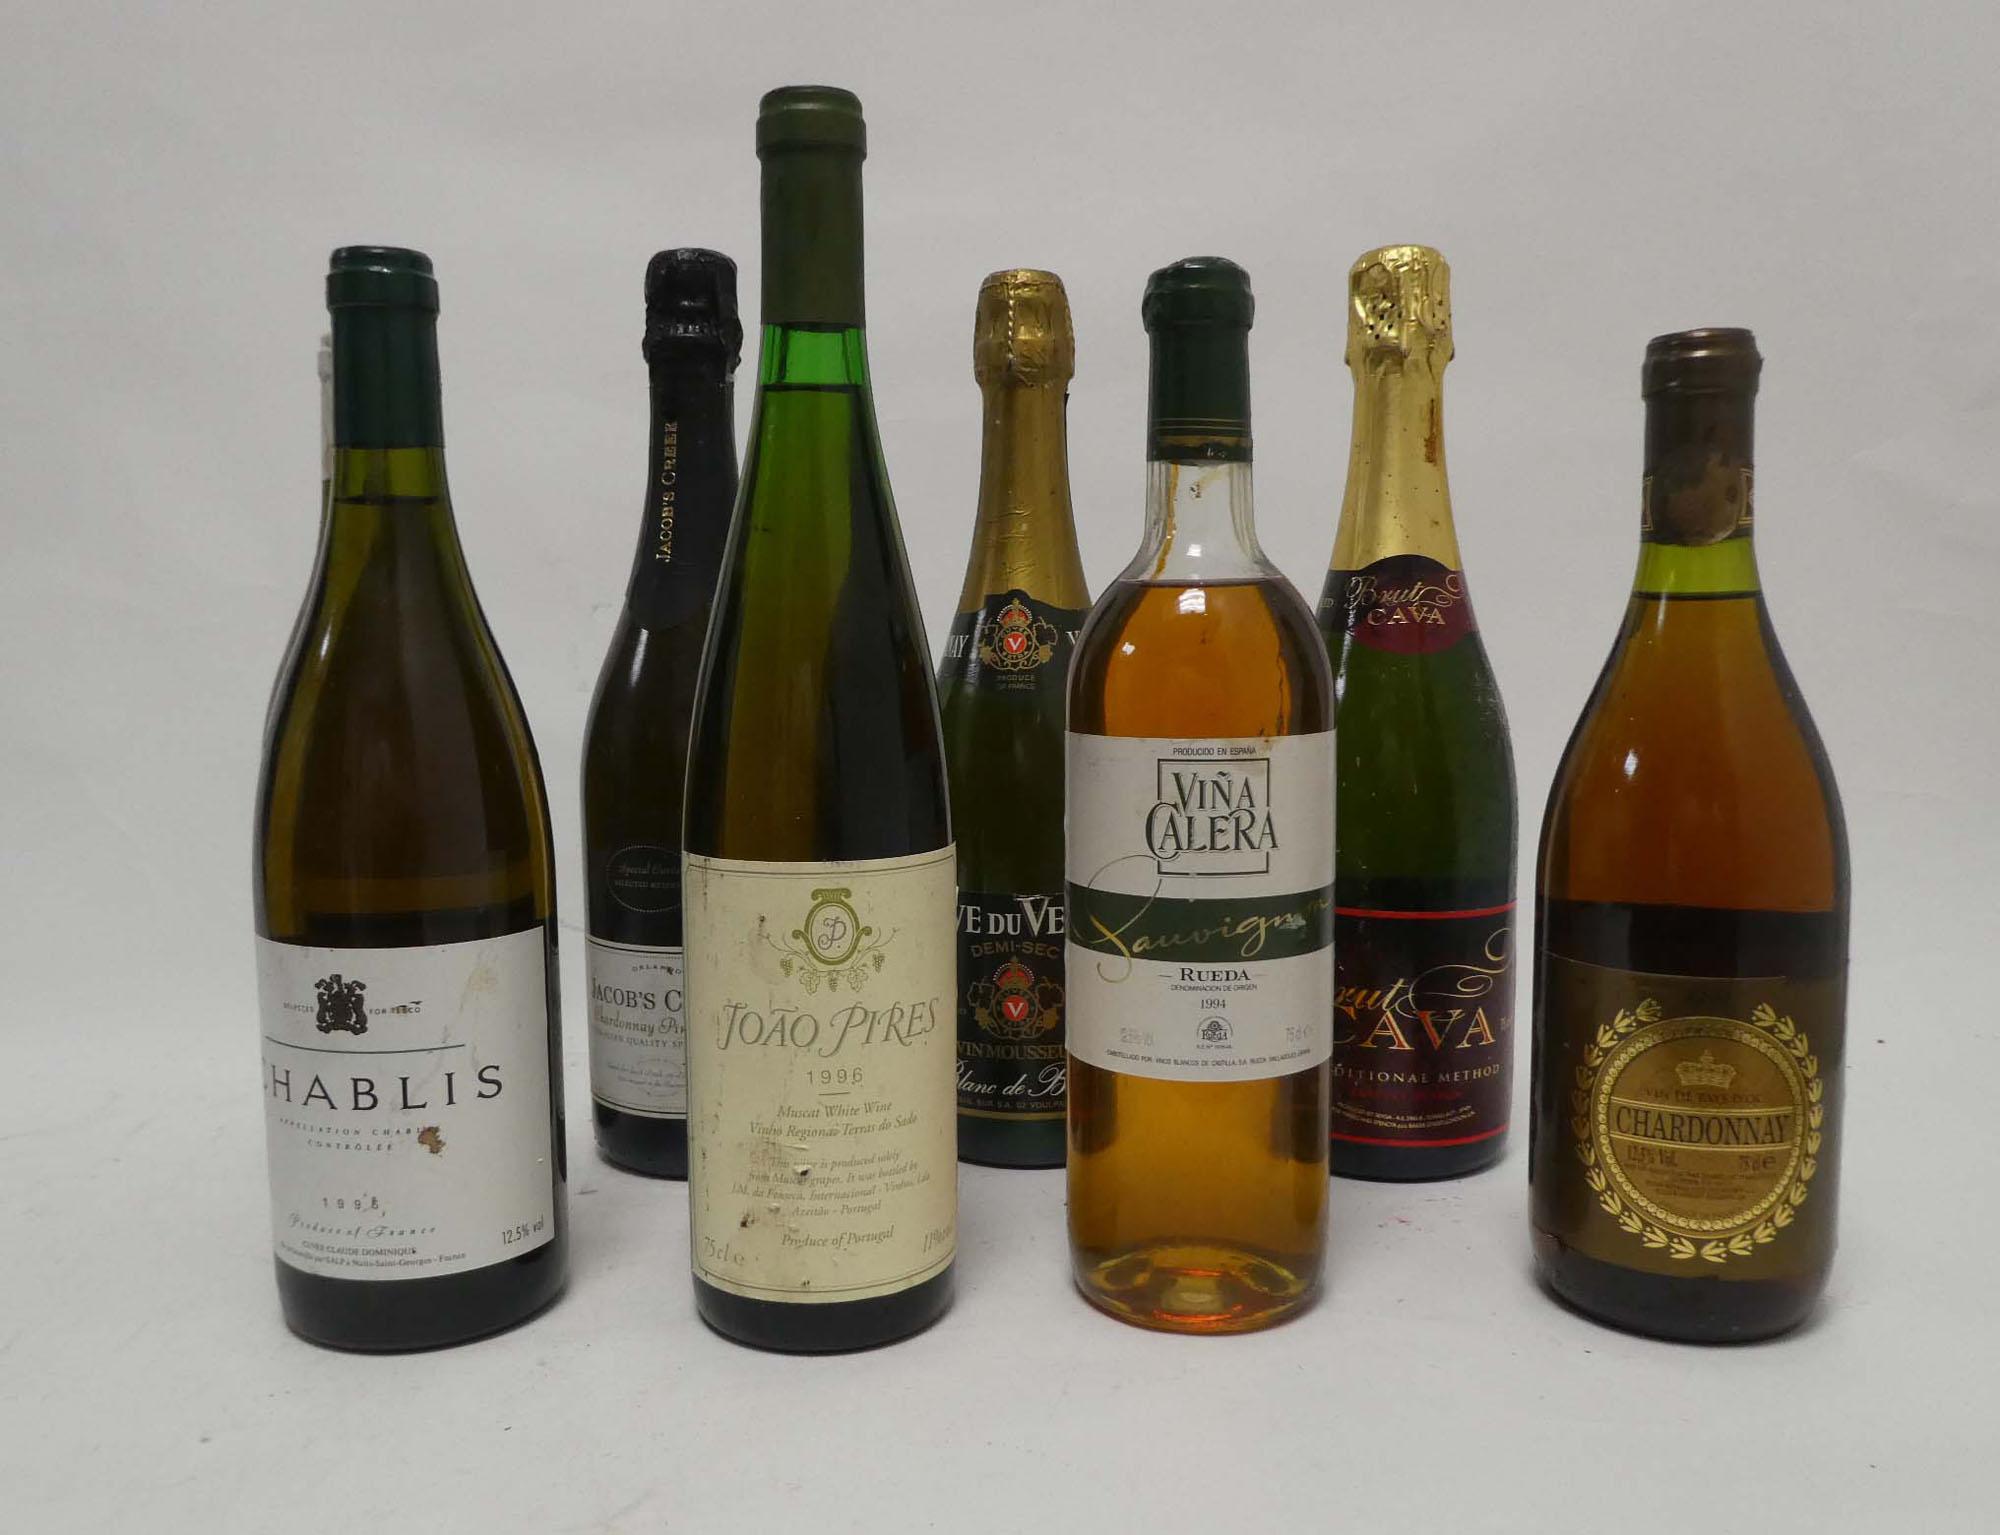 8 bottles, 1x Cuvee Claude Dominique 1996 Chablis, 1x JFP 1998 Sancerre,